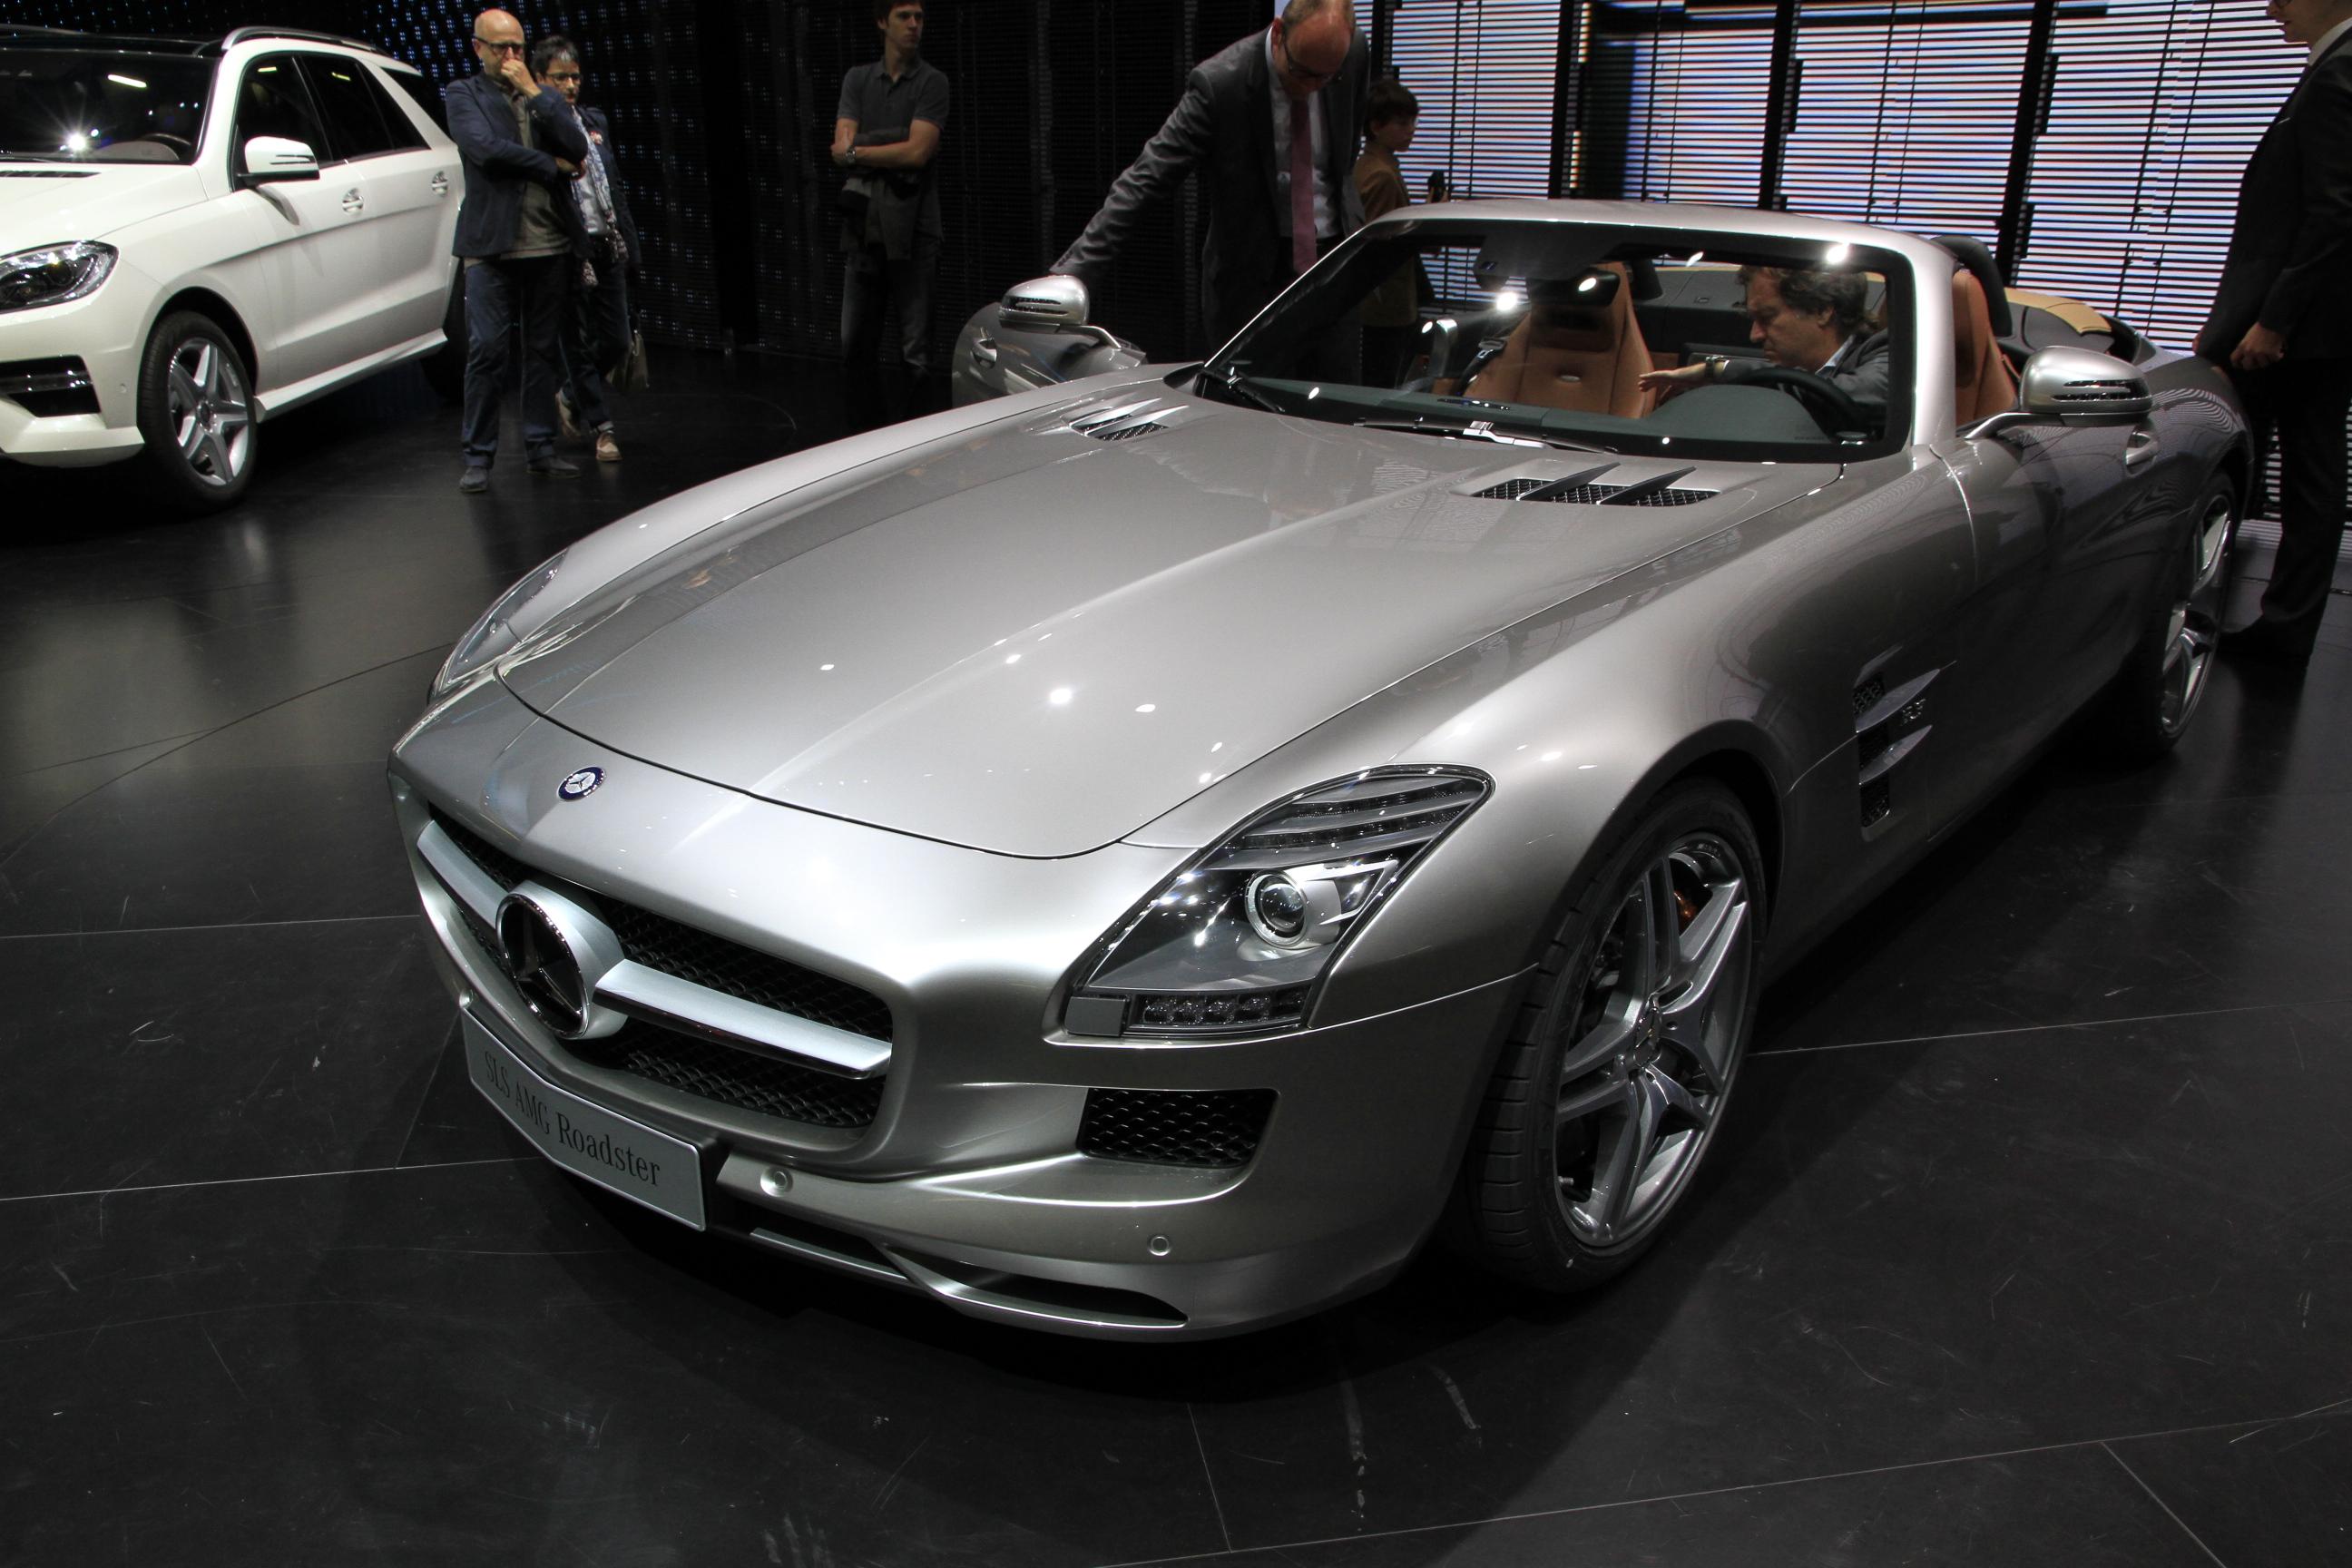 http://images.caradisiac.com/images/2/5/3/4/72534/S0-En-direct-du-salon-de-Francfort-2011-Mercedes-SLS-AMG-Roadster-le-papillon-s-est-envole-238413.jpg